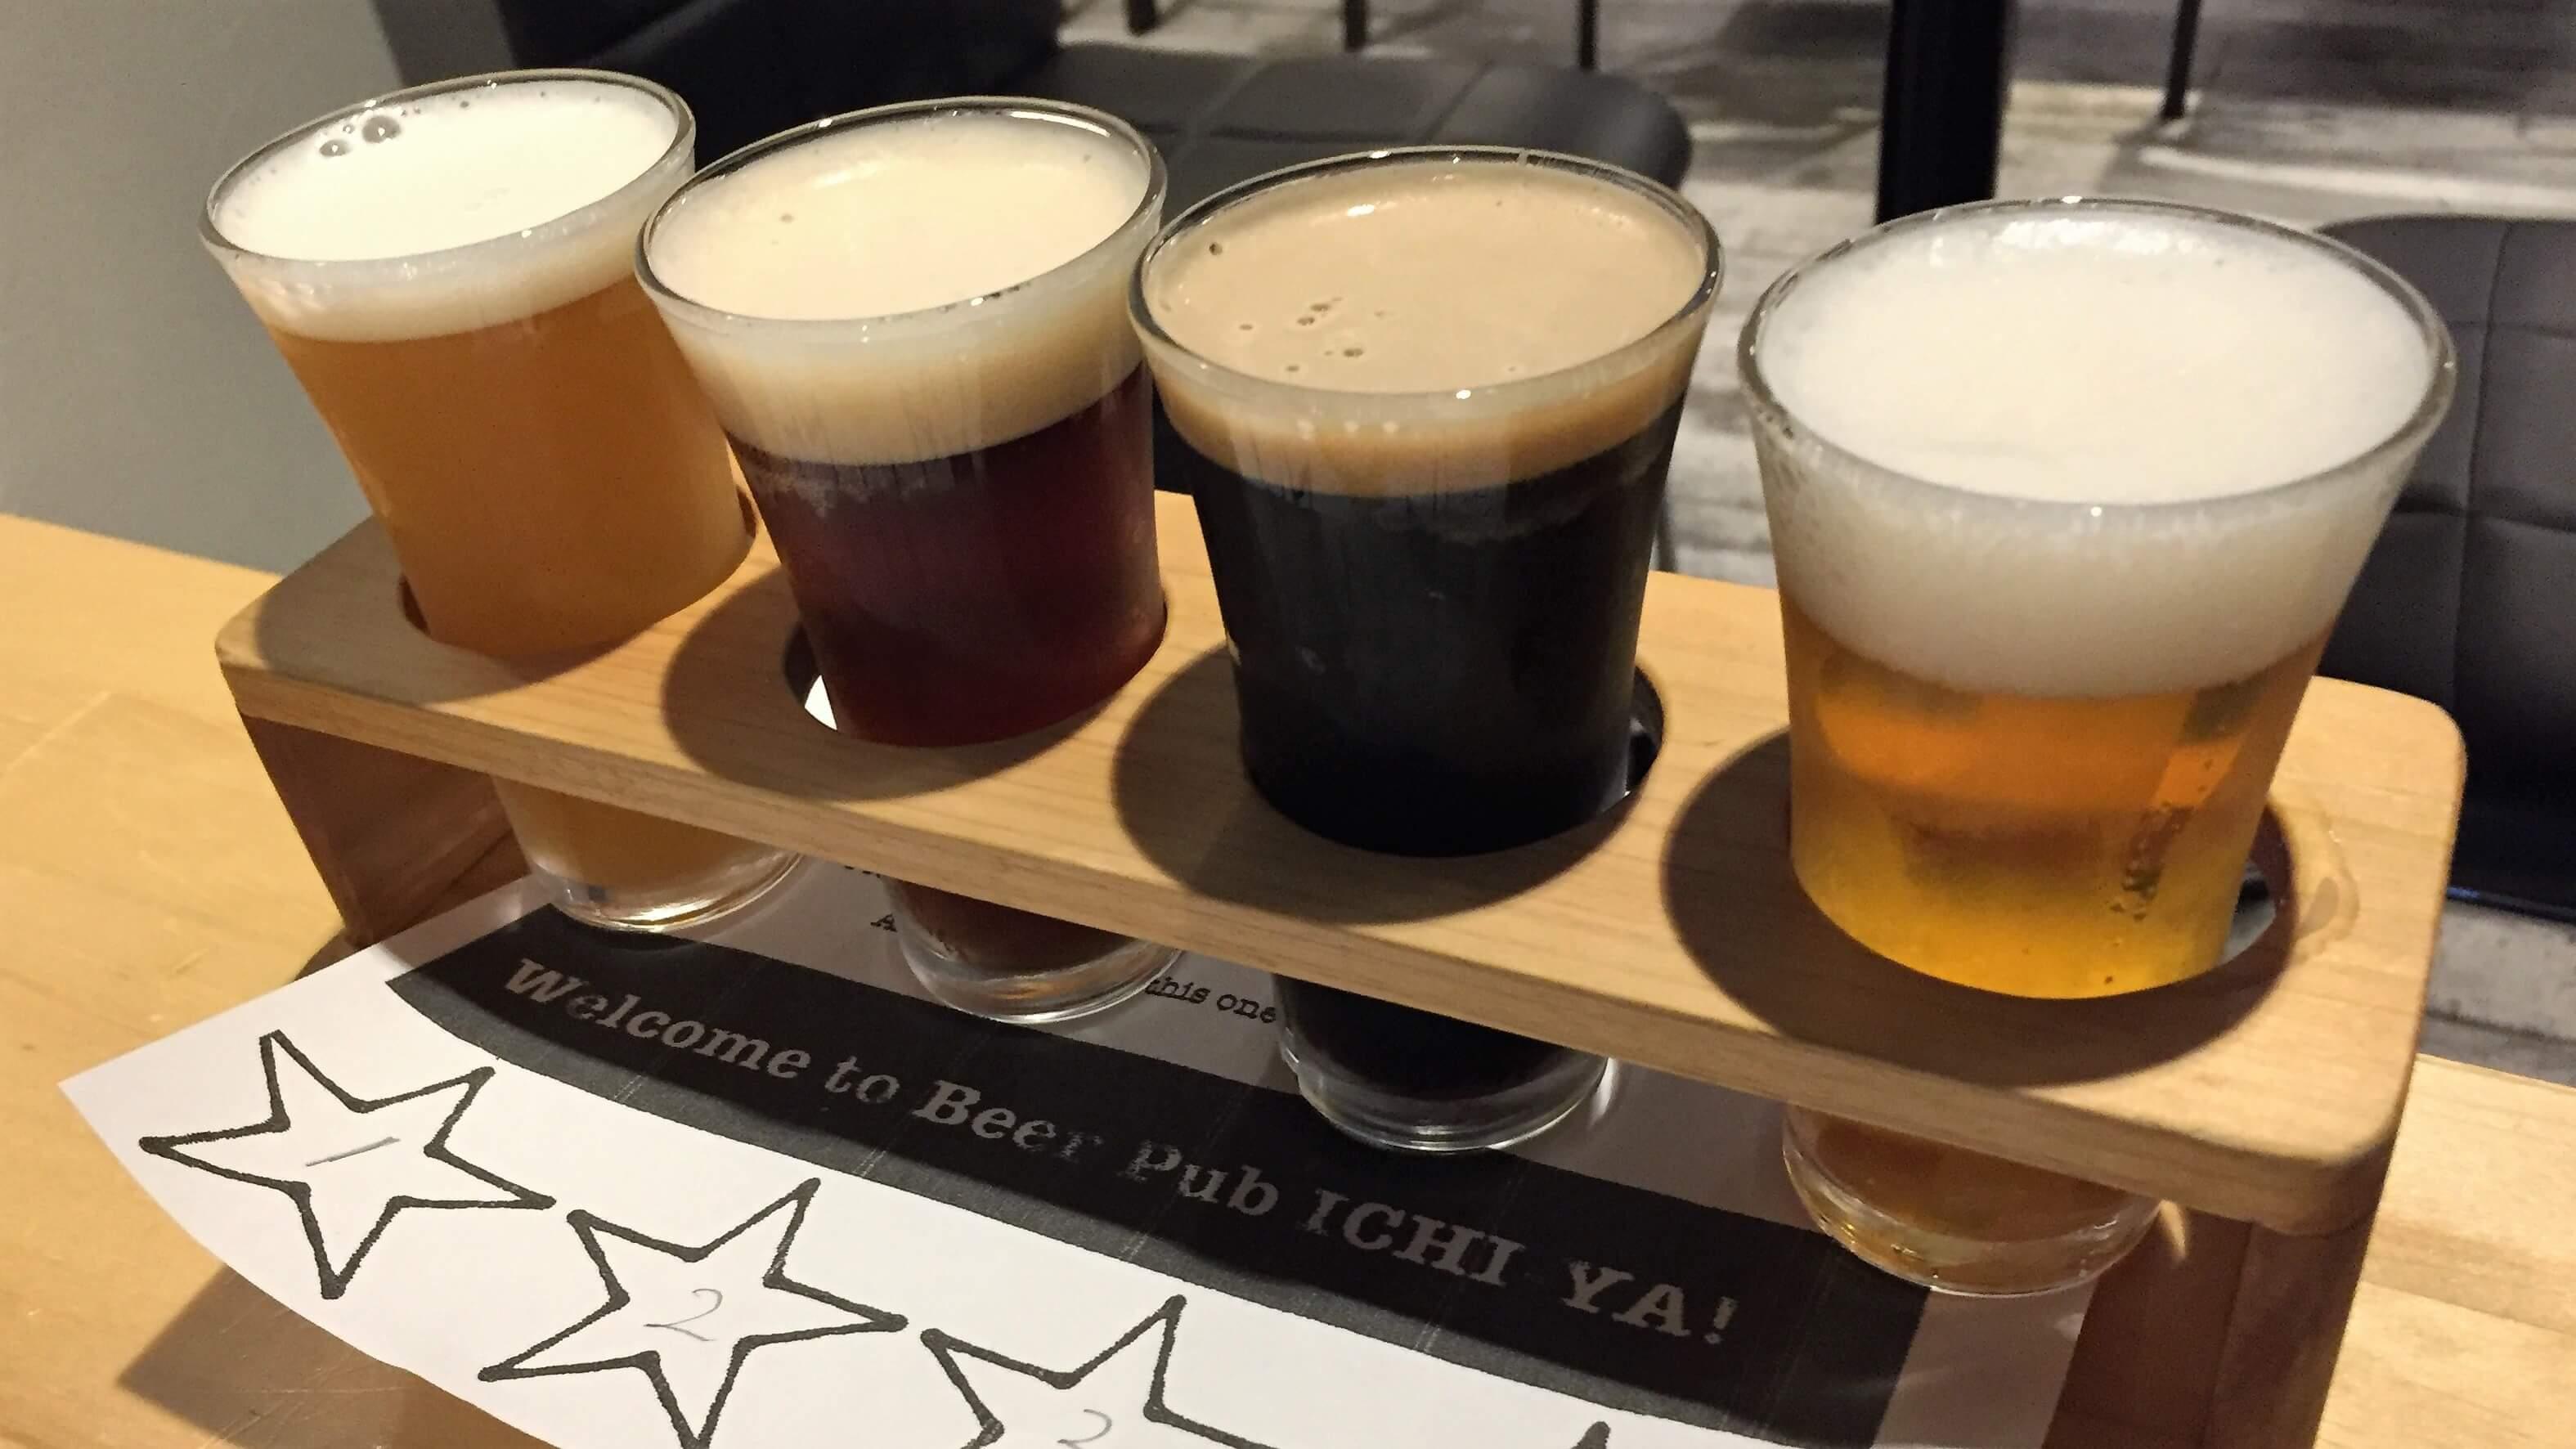 來到京都旅遊,怎能少了這冰涼暢快的京都在地啤酒呢?跟著小編一起來當小酒鬼,讓自己漂一下吧!乾杯!